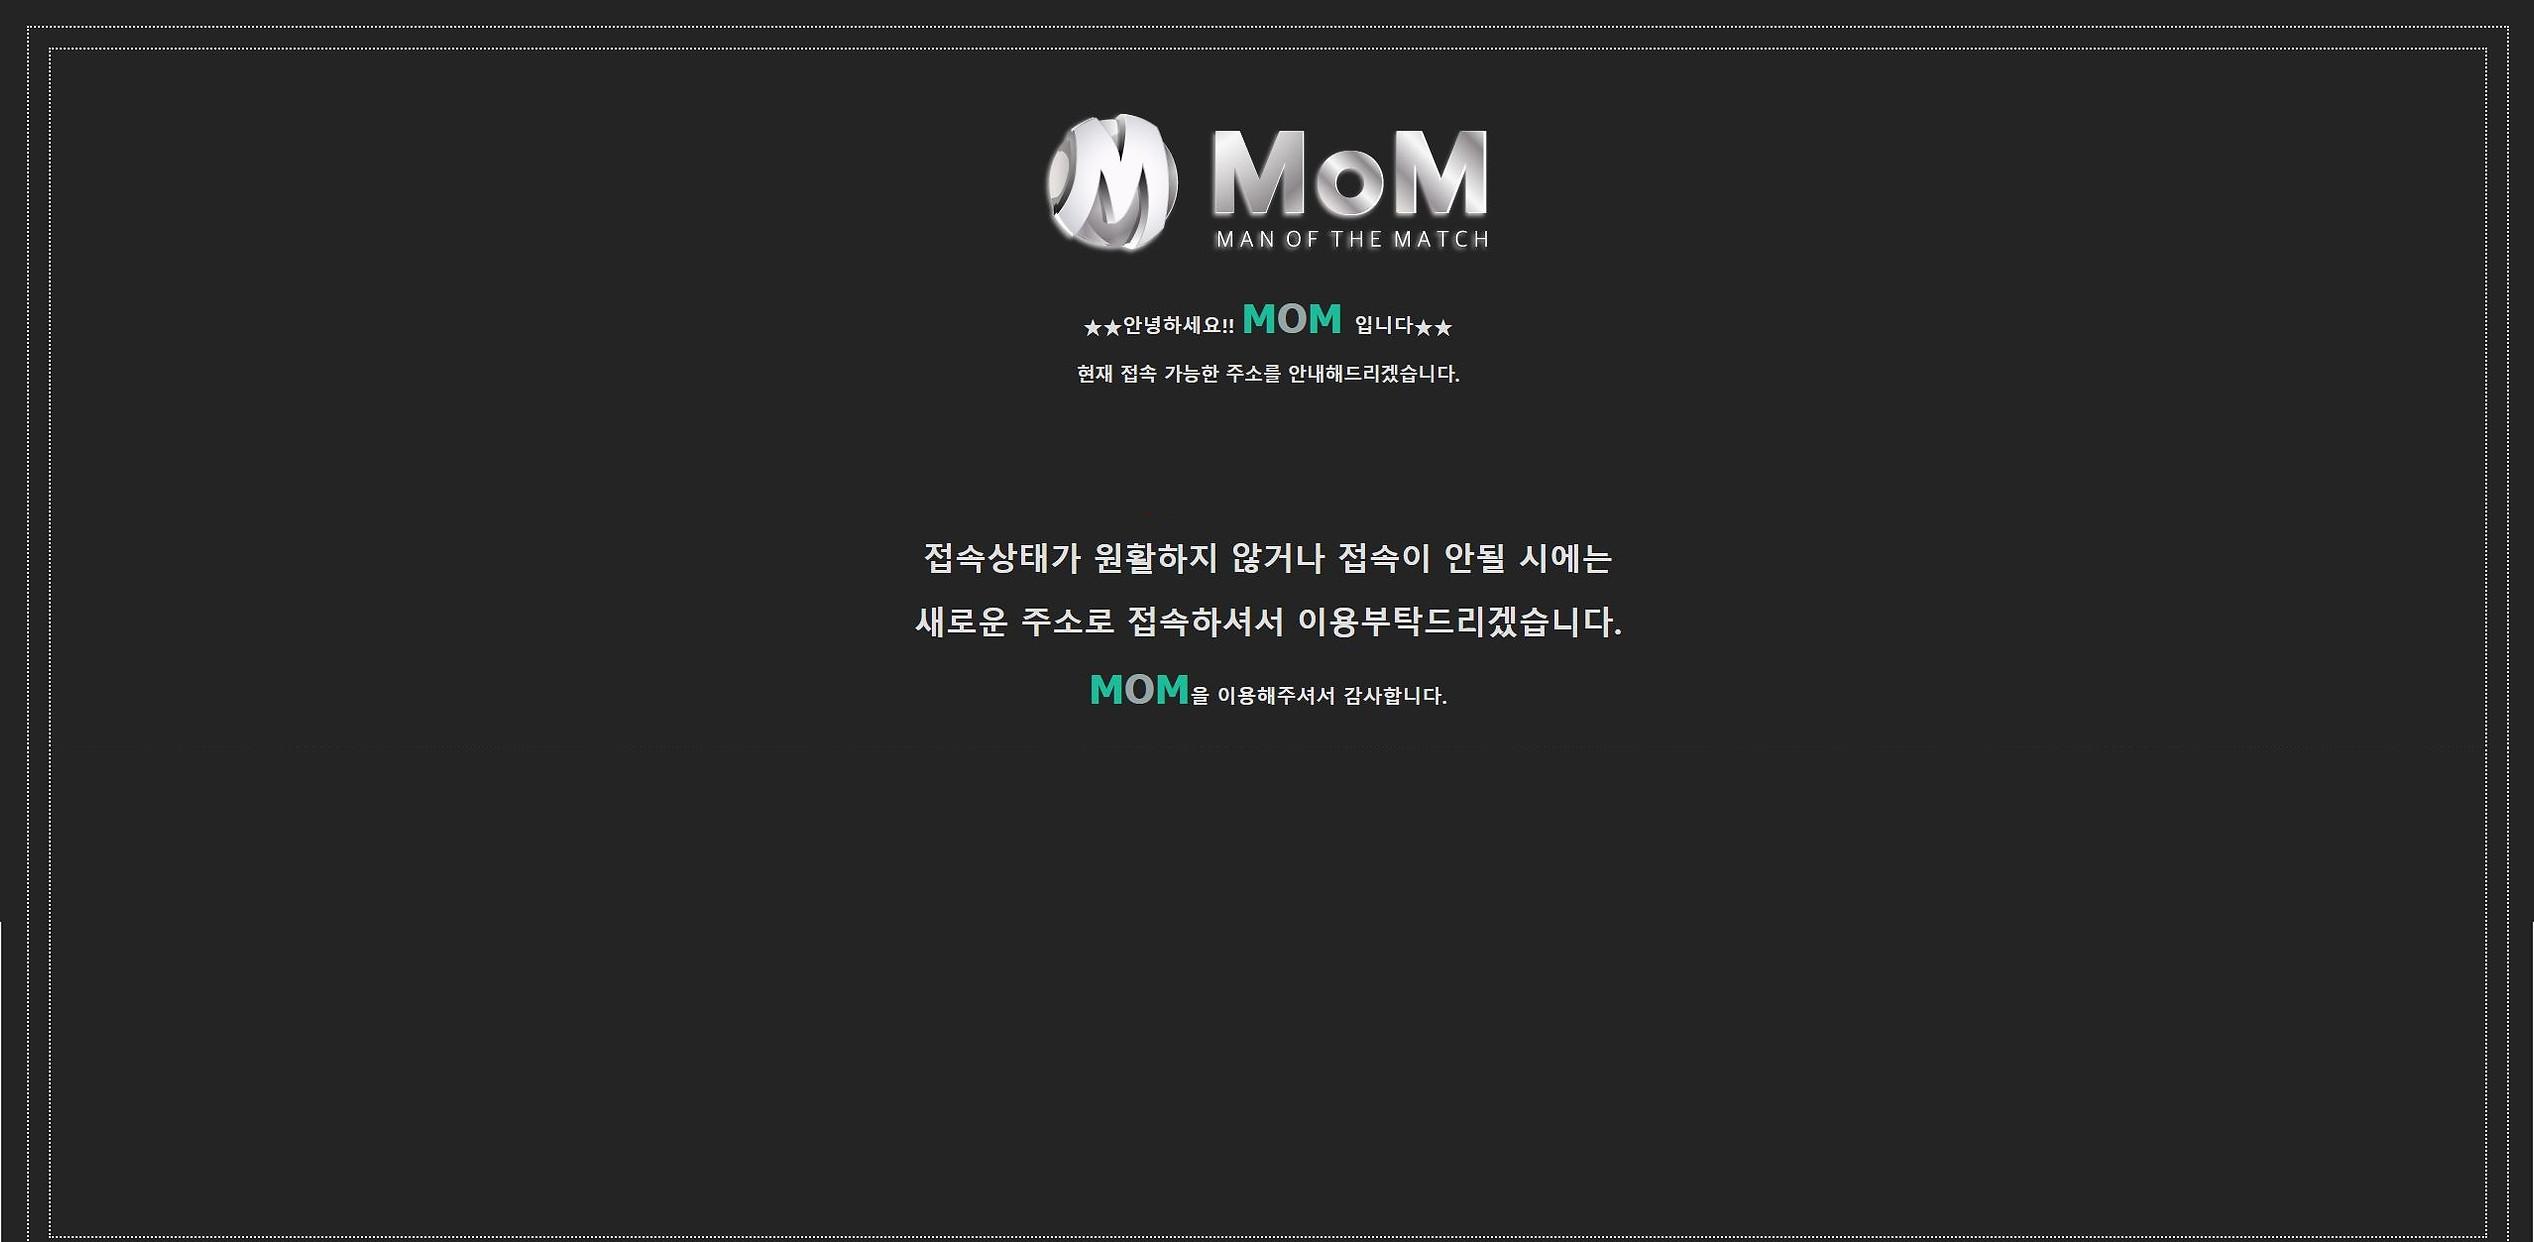 엠오엠주소 맘벳주소 엠오엠도메인 엠오엠검증 맘벳검증 MOM주소.JPG